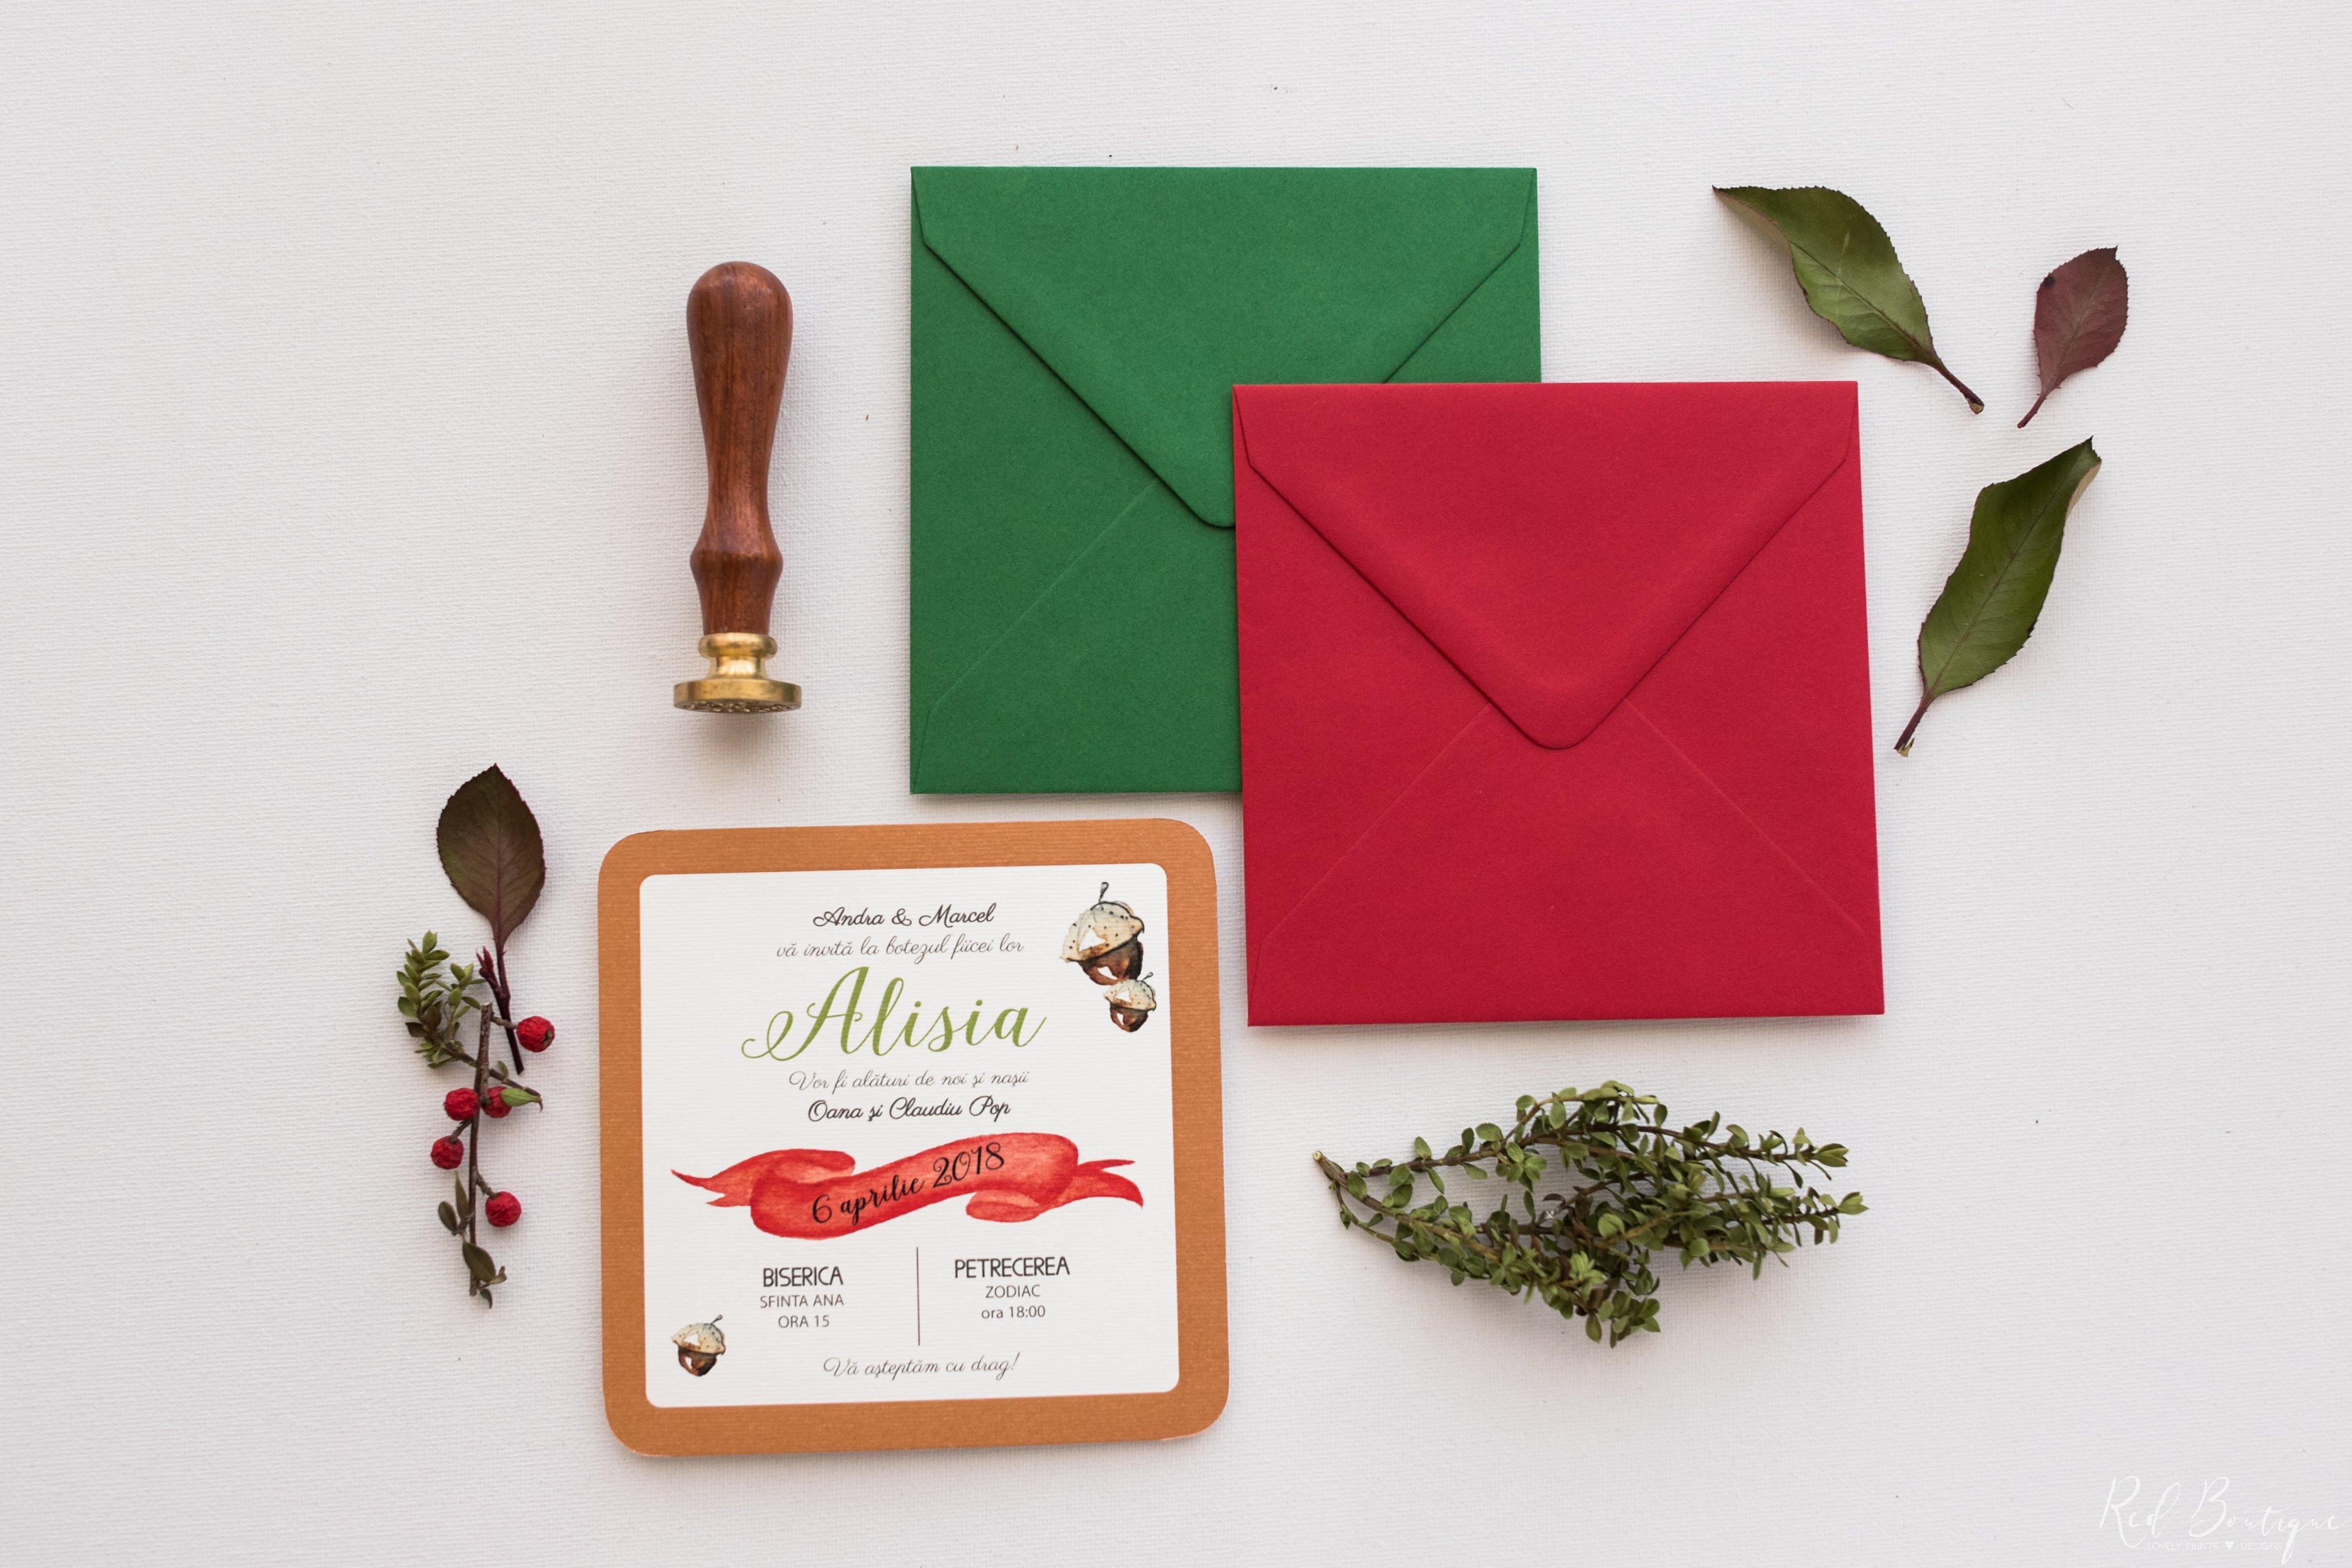 invitatie de botez cu plicuri colorate verzi si rosu